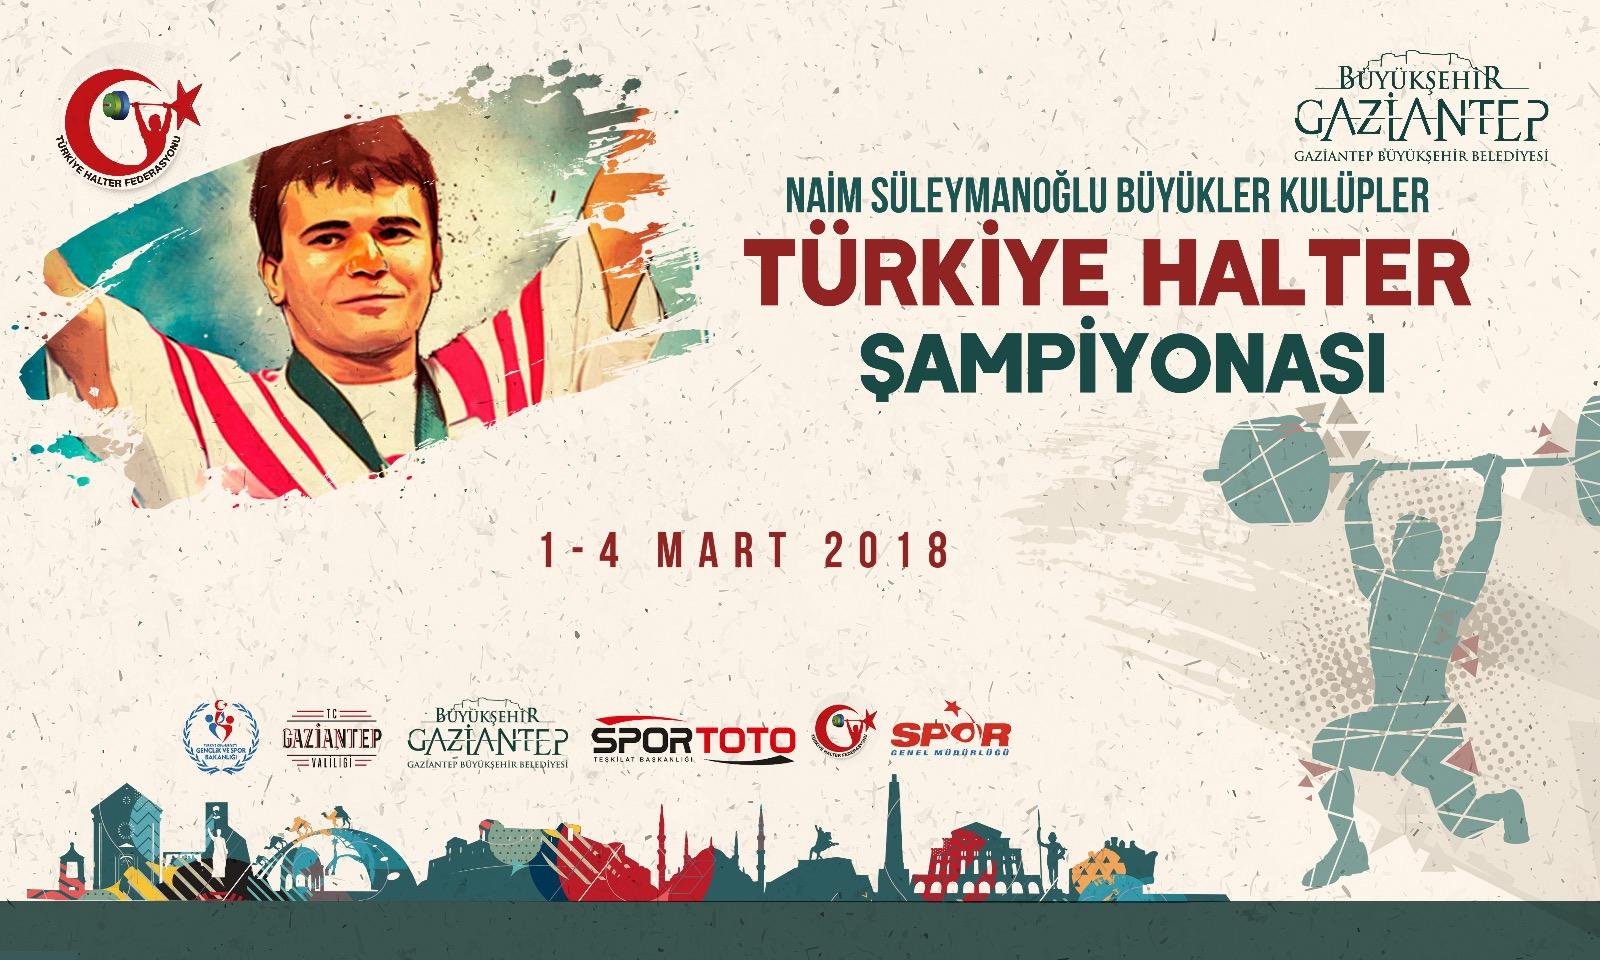 Naim Süleymanoğlu Büyükler Kulüpler Türkiye Halter Şampiyonası Gaziantep